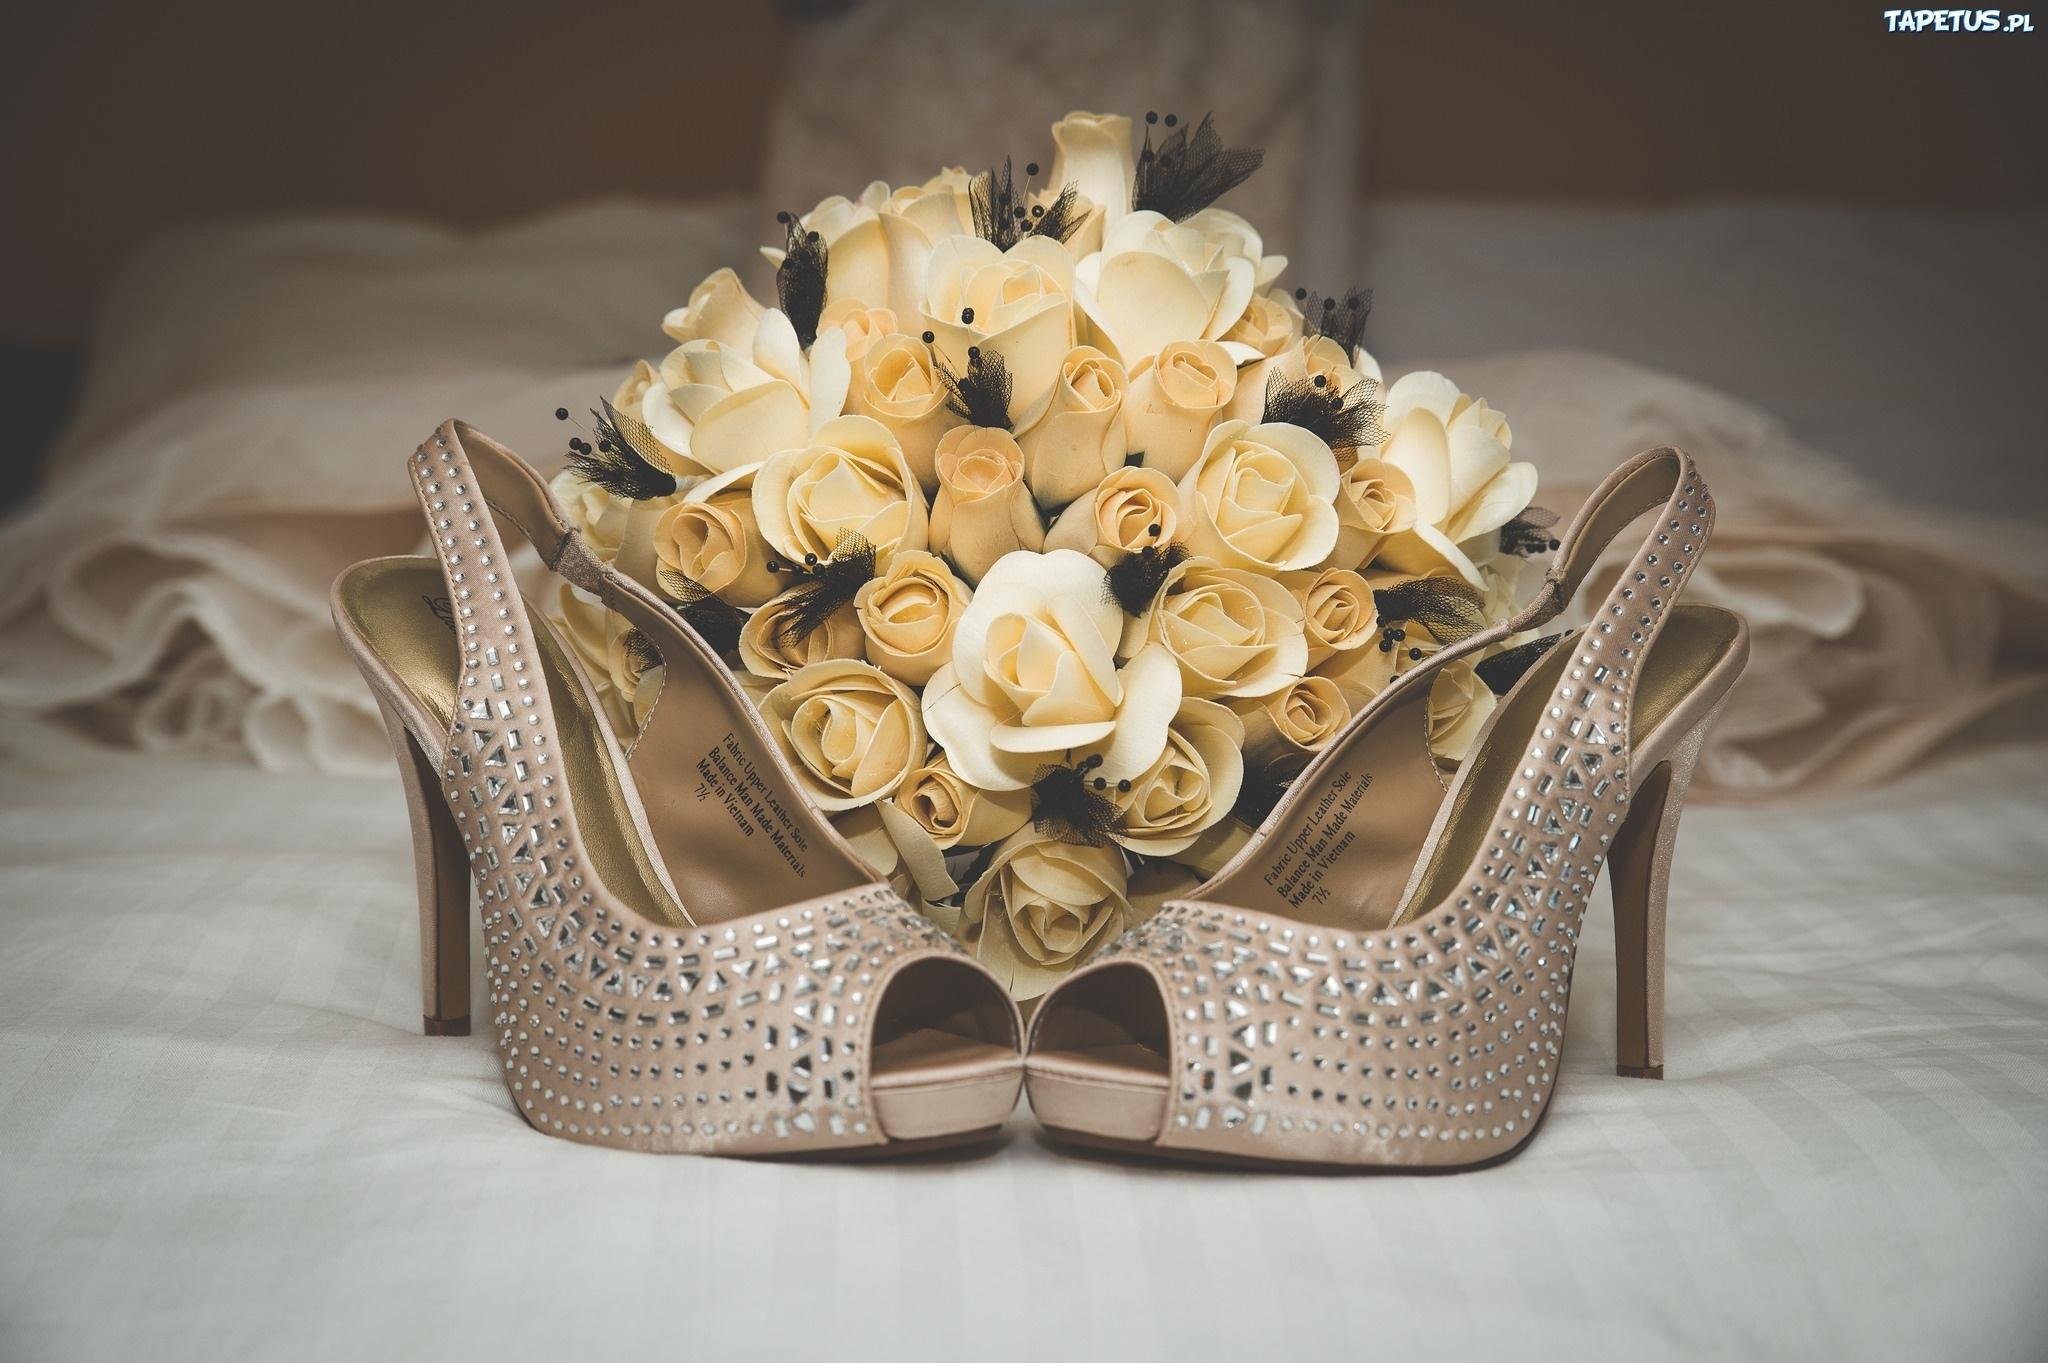 Туфли и розы  № 3398325 без смс